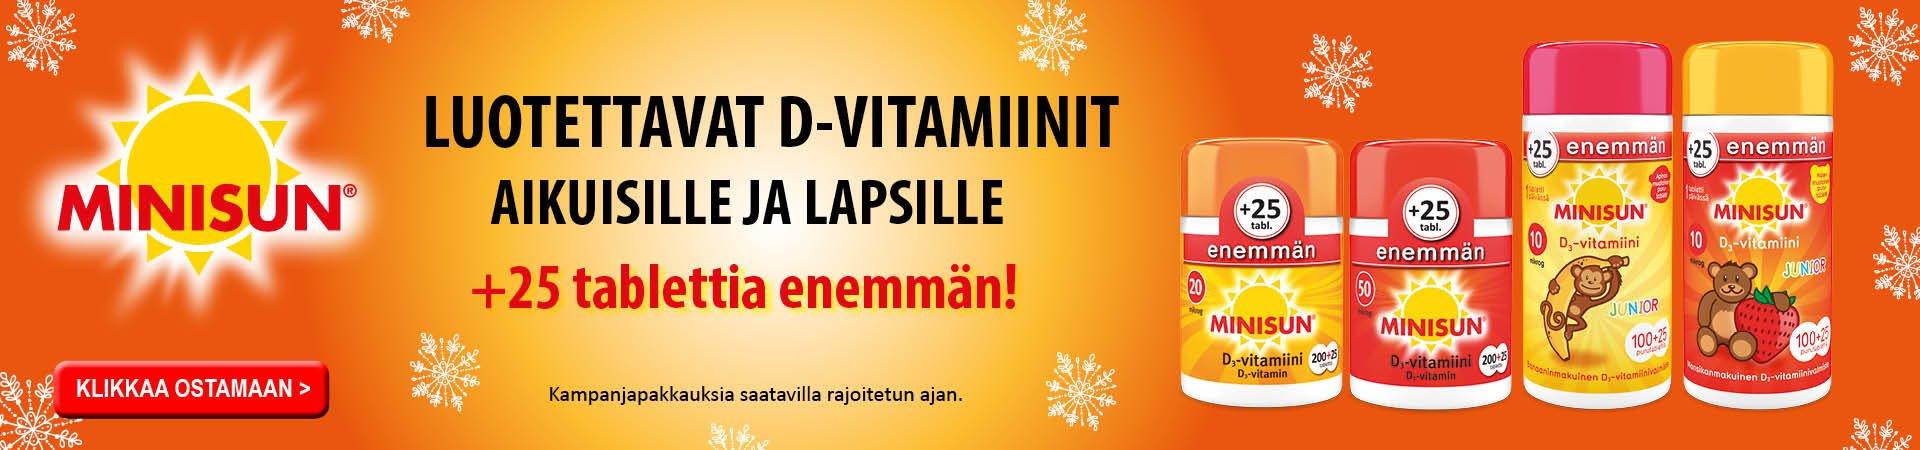 Minisun D-vitamiini bonuspakkaukset